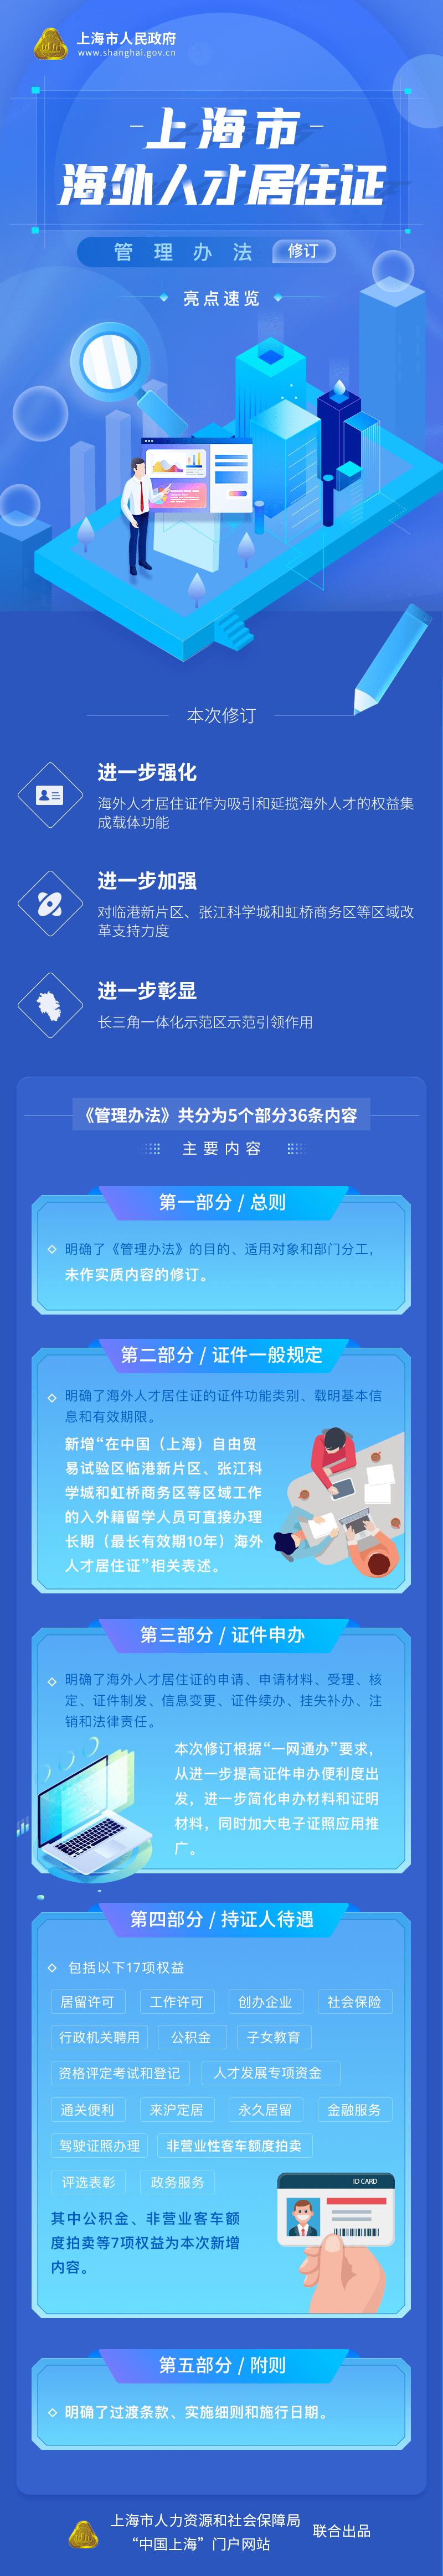 上海市政府修订《海外人才居住证管理办法》,来看有哪些亮点